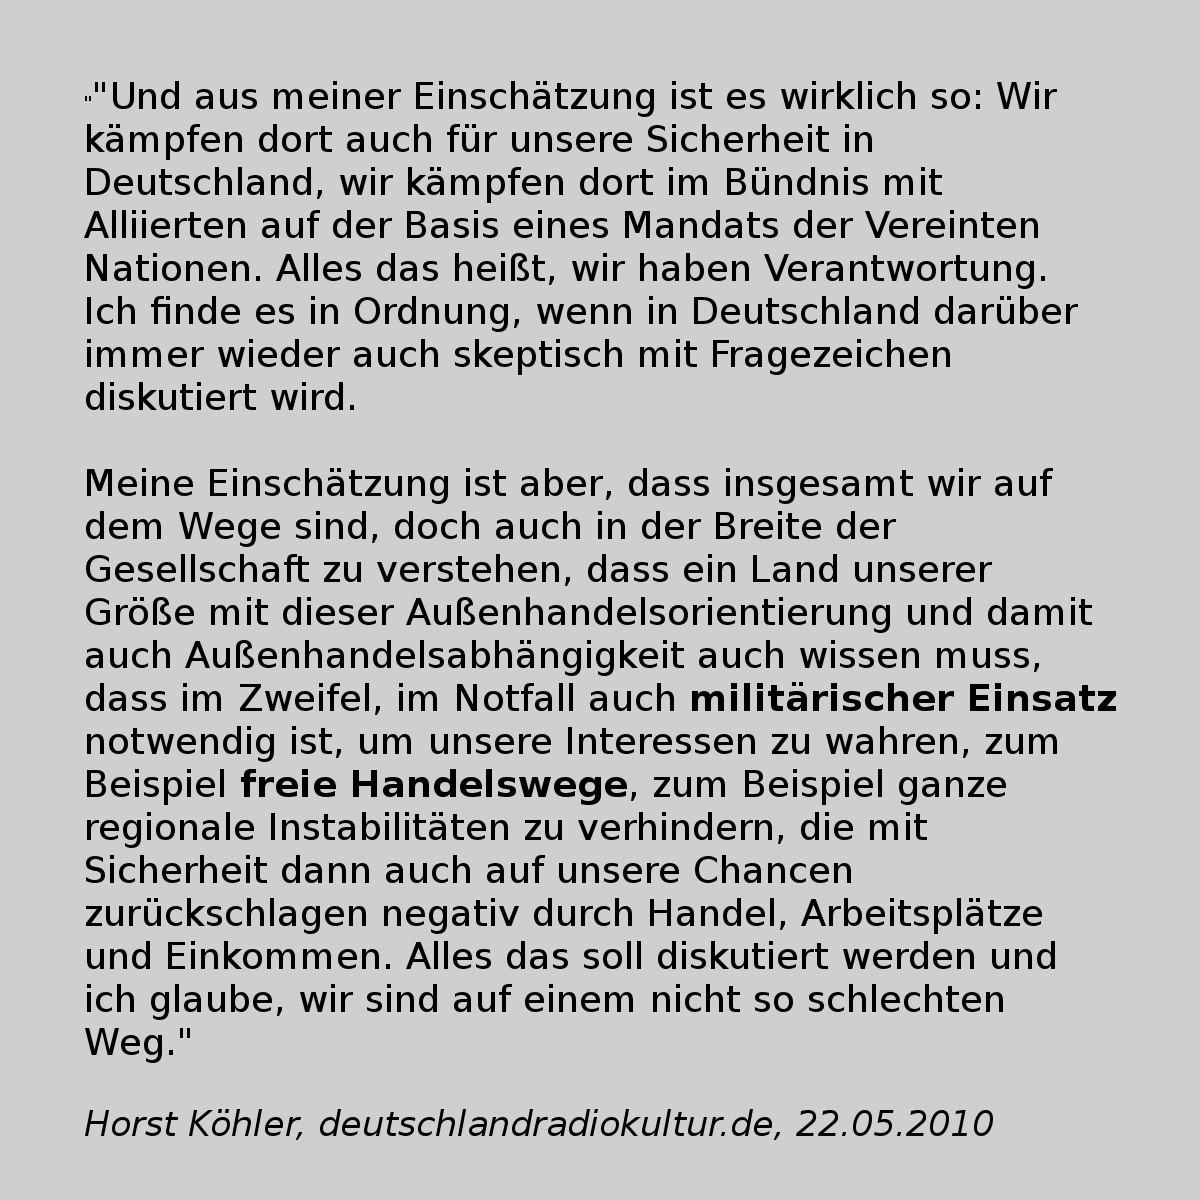 """""""Kämpft die Bundeswehr auch für wirtschaftliche Interessen?"""", fragte der  Spiegel am 27.05.2010, nachdem Horst Köhler in einem Interview ein  Tabuthema ..."""